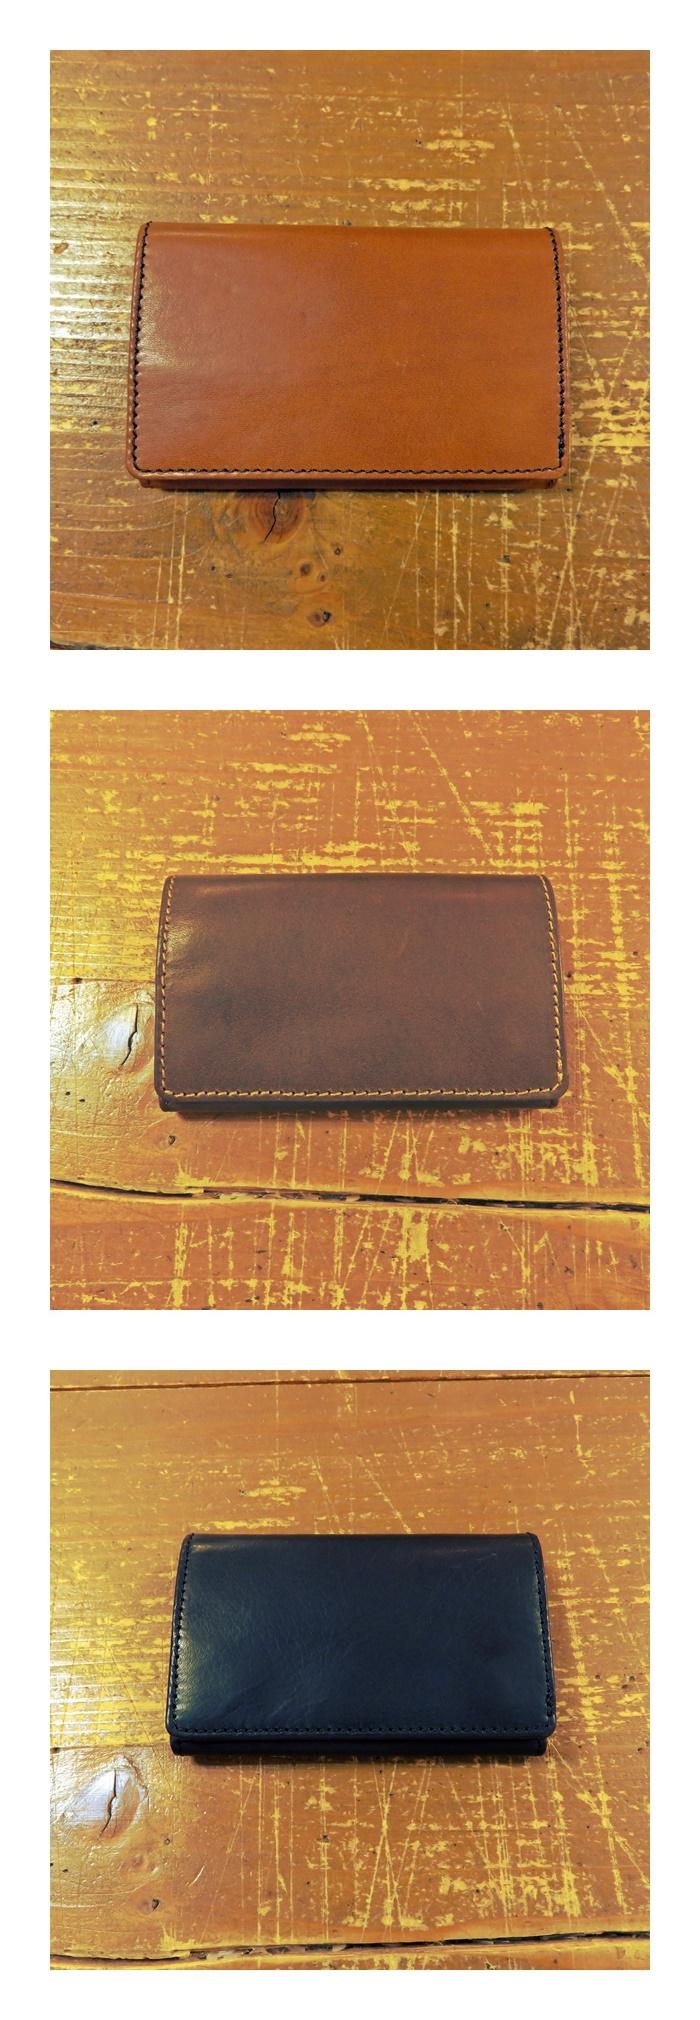 2016-09-26 3つ折りウォレット ホーク 001-vert